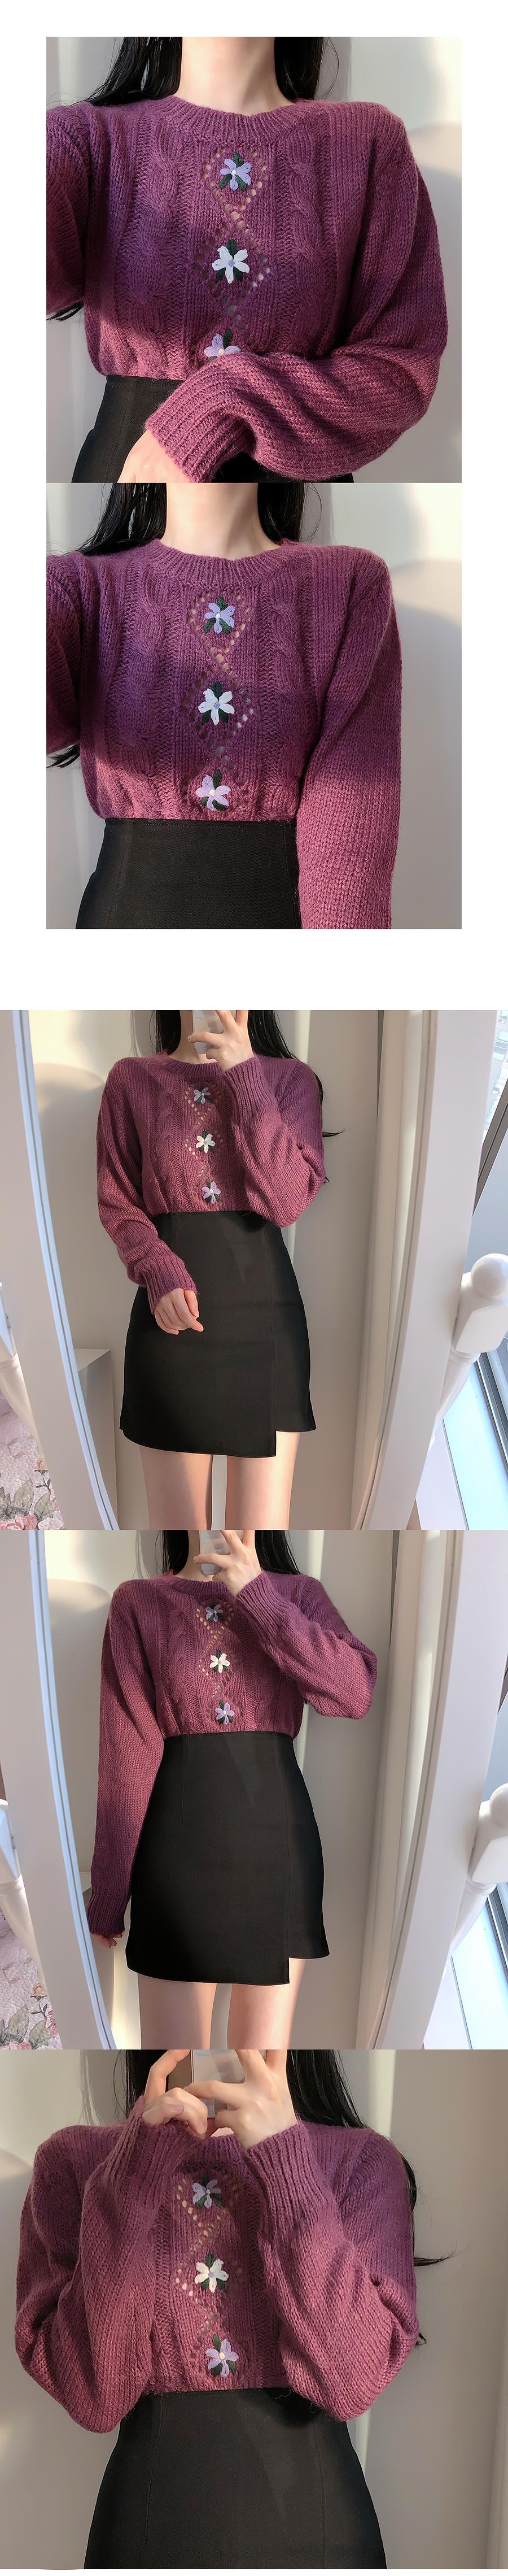 起毛・スキンズオンバルひらきスカート(クリーム、ベージュ、ブラック)